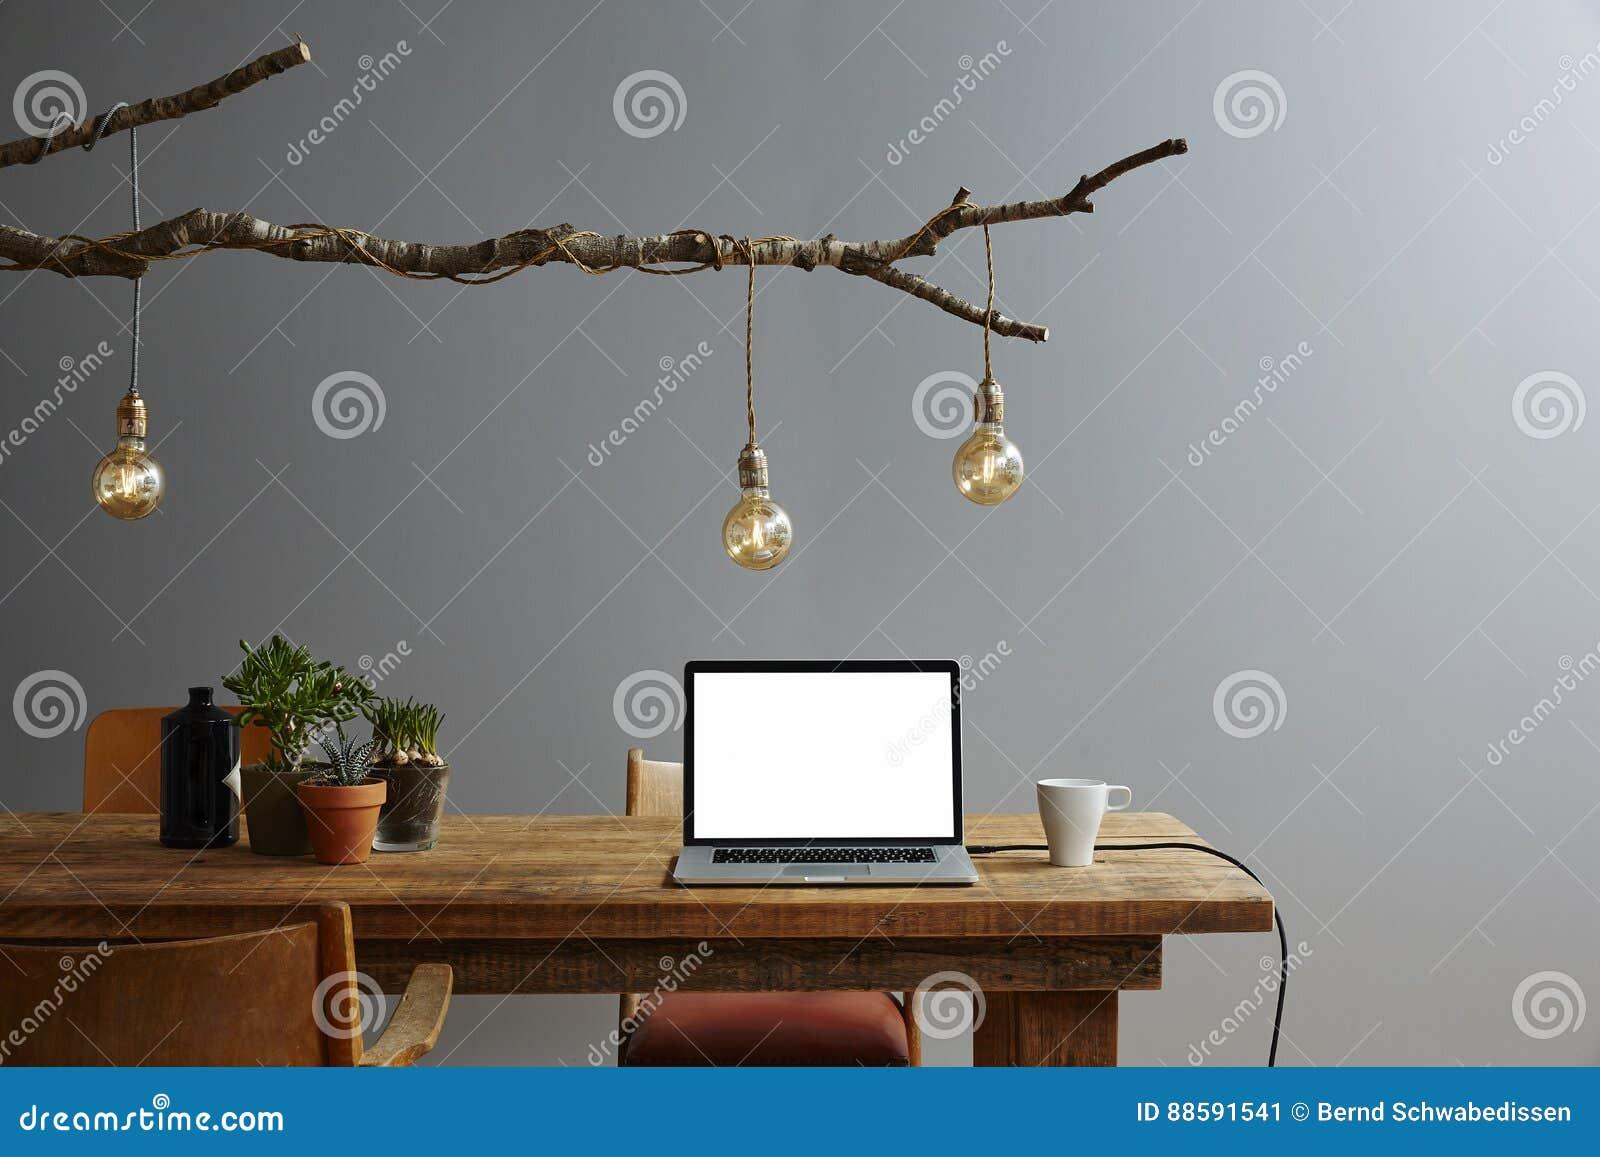 Nykomna Design För Lampa För Idérikt Skrivbord För Workspacetappningdesign OR-79